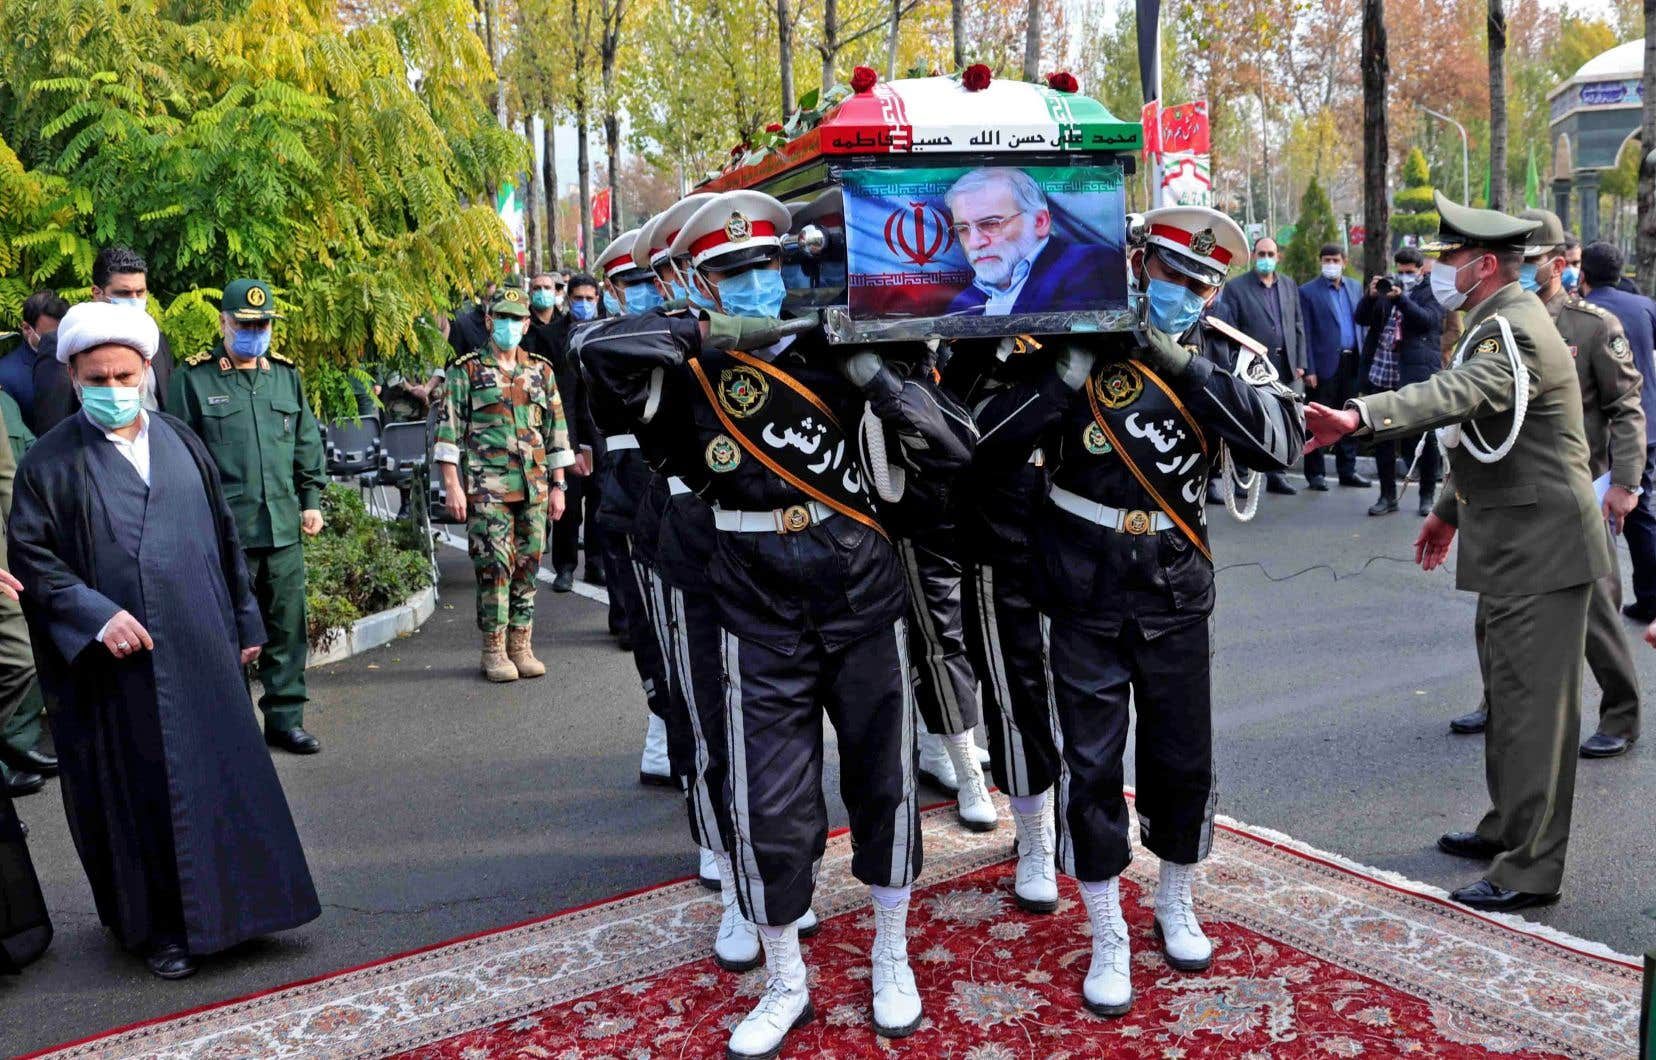 Avec un protocole digne des plus grands «martyrs» de la République islamique d'Iran, les autorités ont aussi rendu un dernier hommage à ce scientifique, Mohsen Fakhrizadeh, et promis de poursuivre son œuvre.